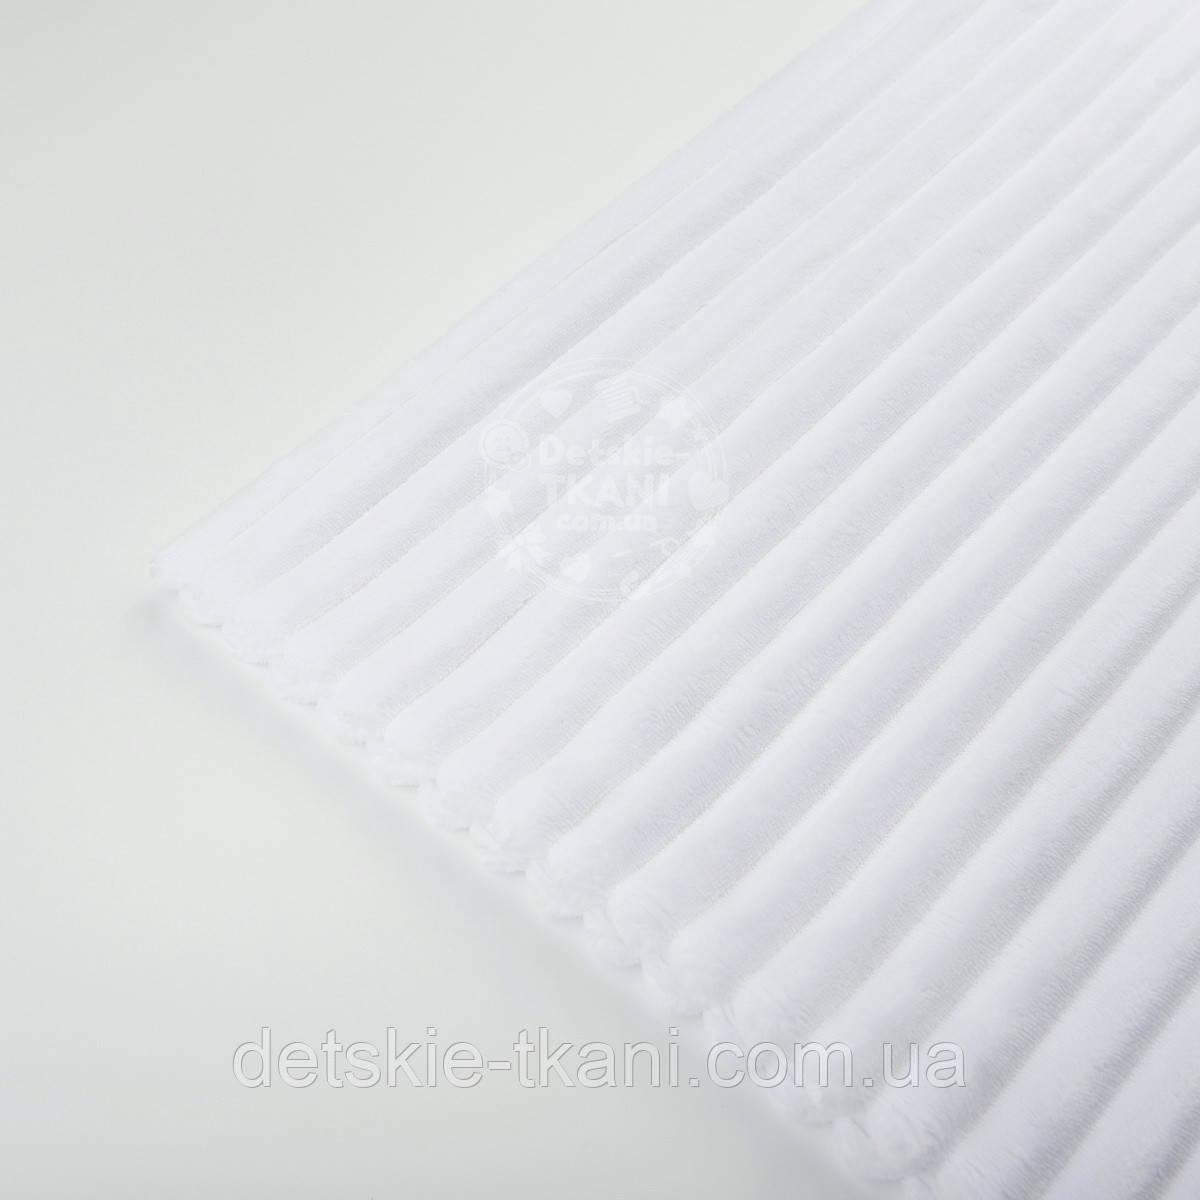 Лоскут плюша в полоску Stripes, цвет белый, размер 60*160 см